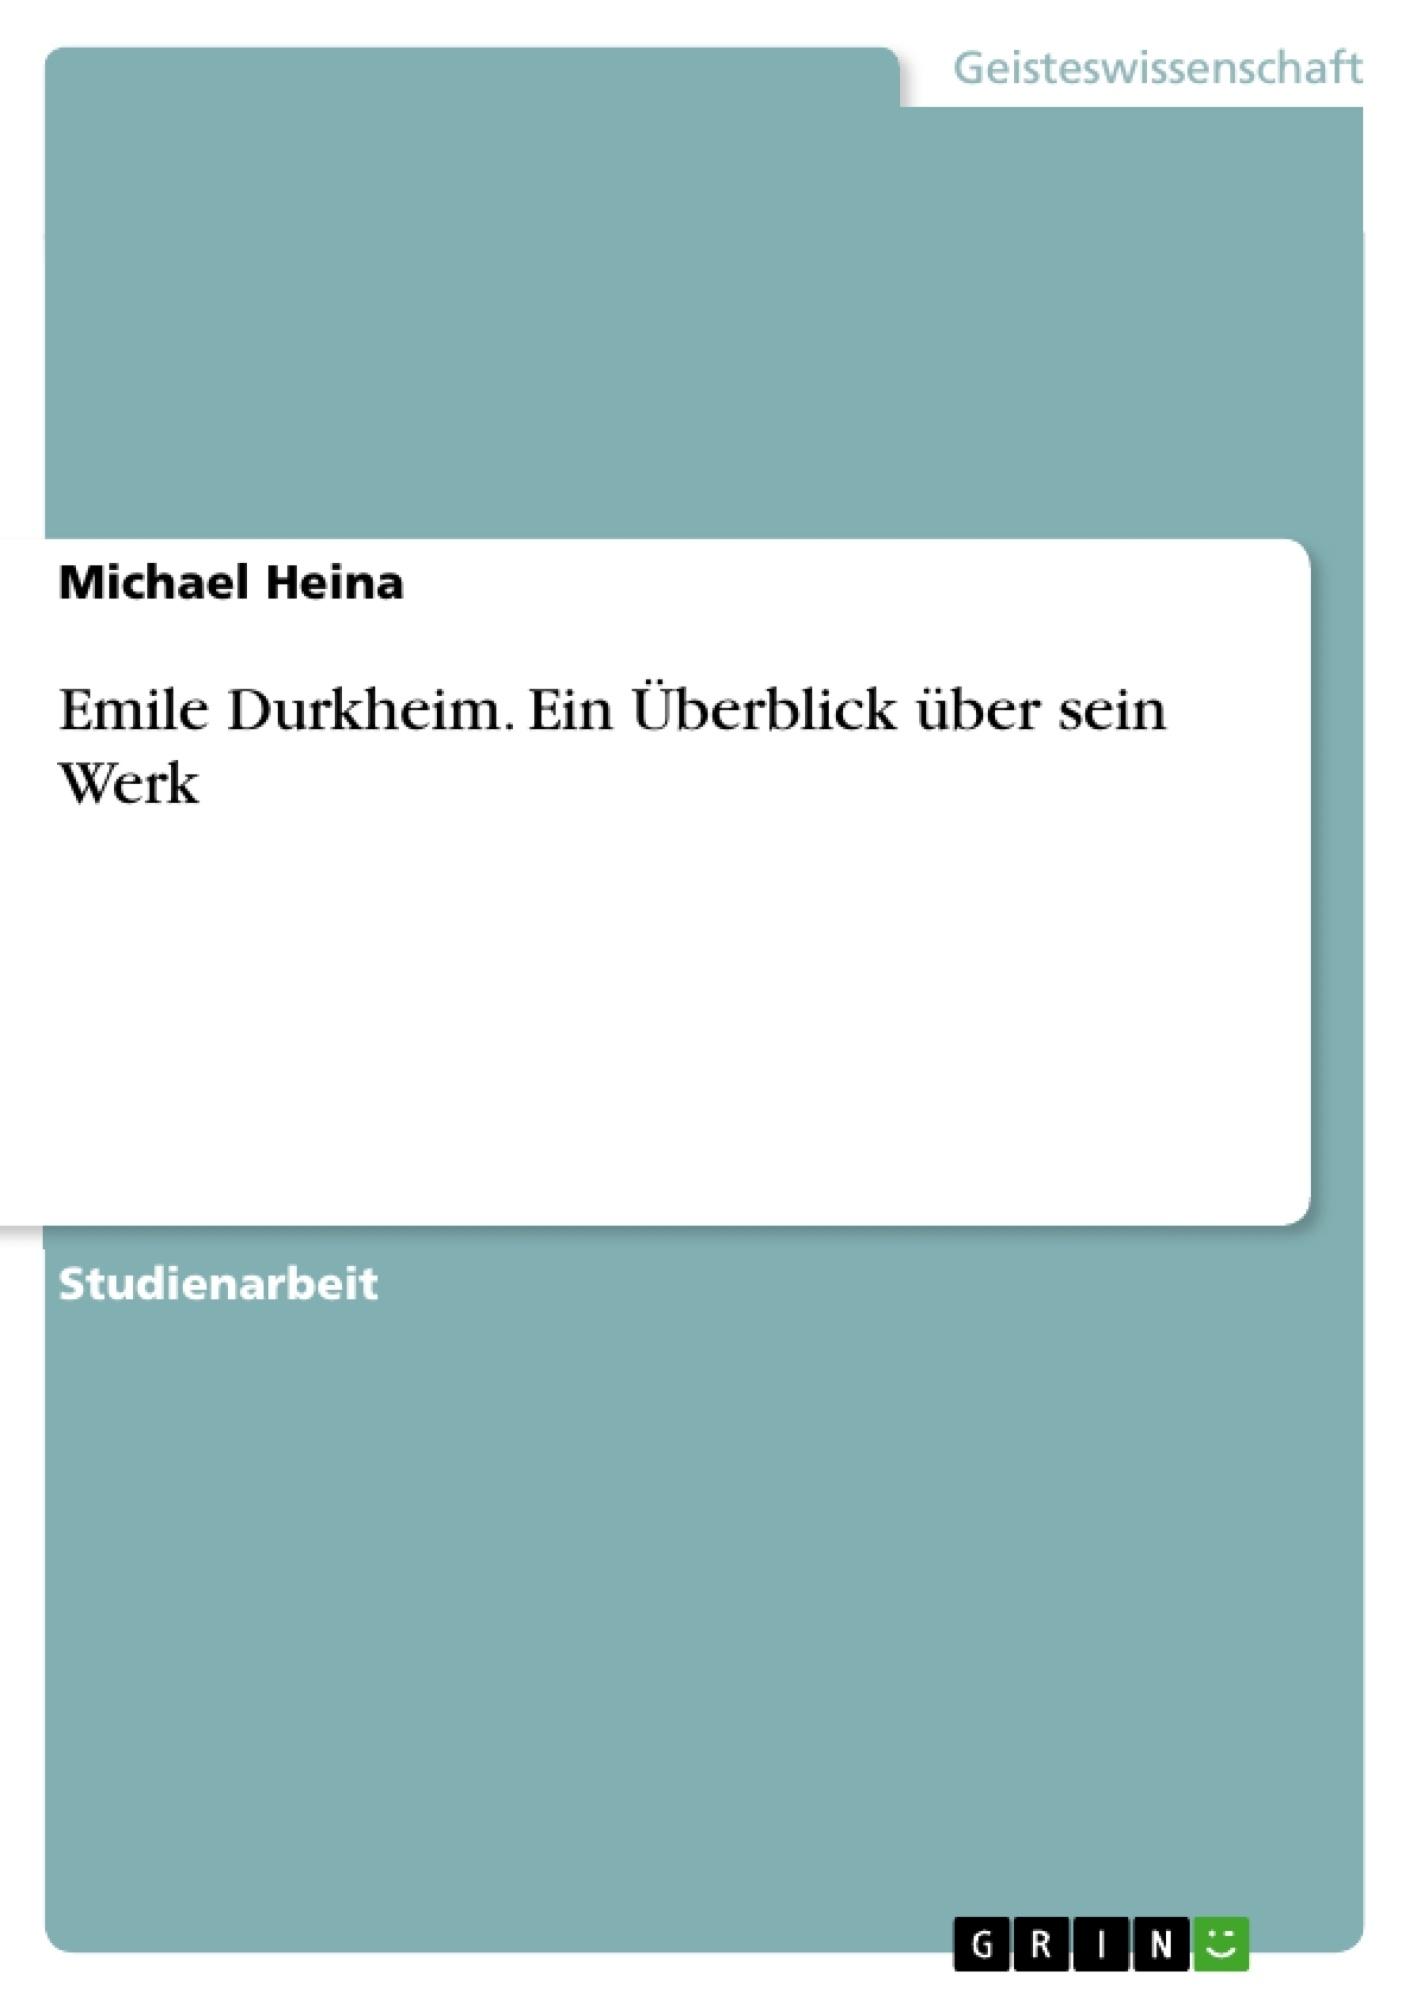 Titel: Emile Durkheim. Ein Überblick über sein Werk